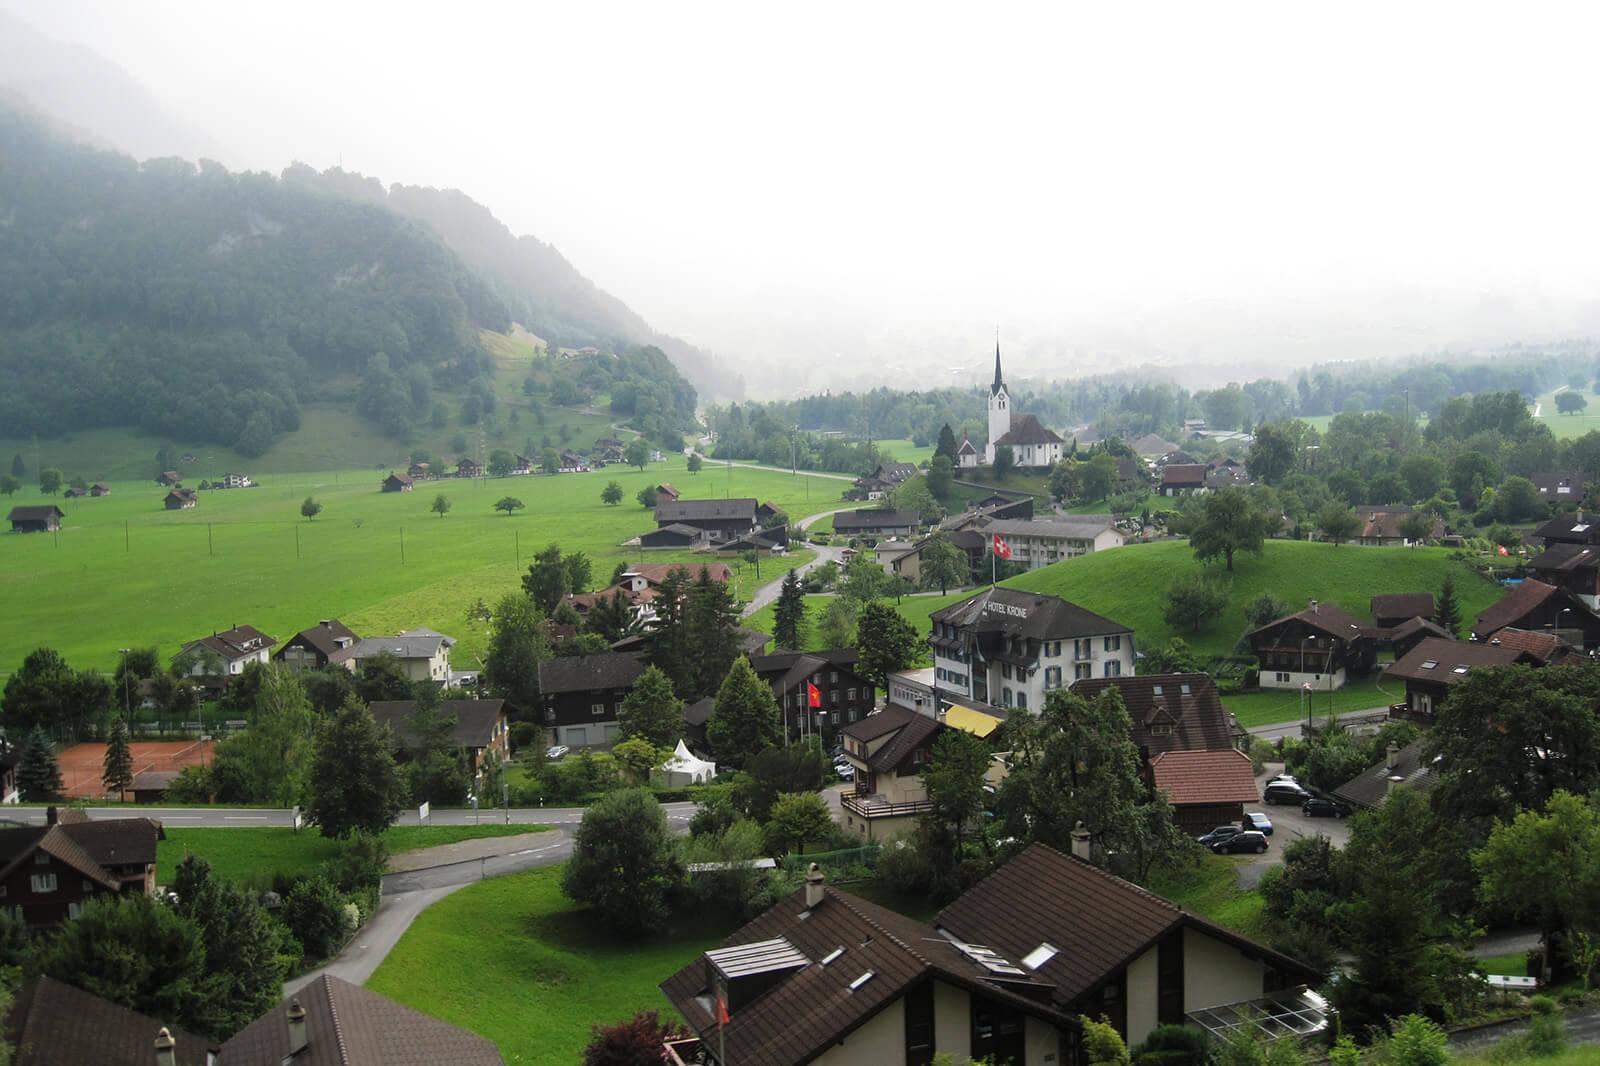 Enjoying the beautiful landscapes of Switzerland